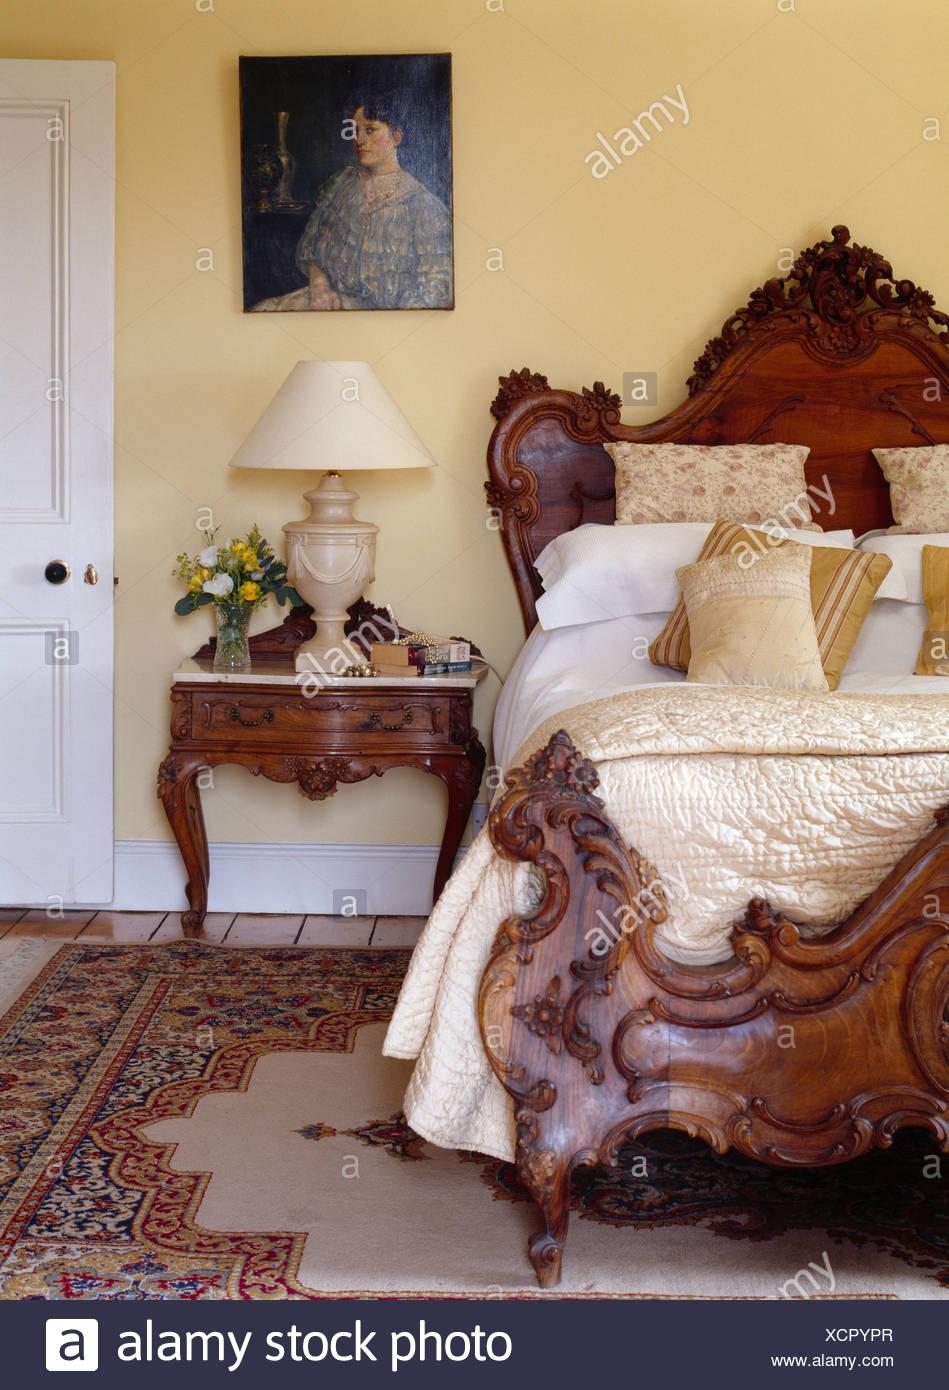 Antikes Bett Mit Creme Seide Steppdecke Und Kissen Im Traditionellen